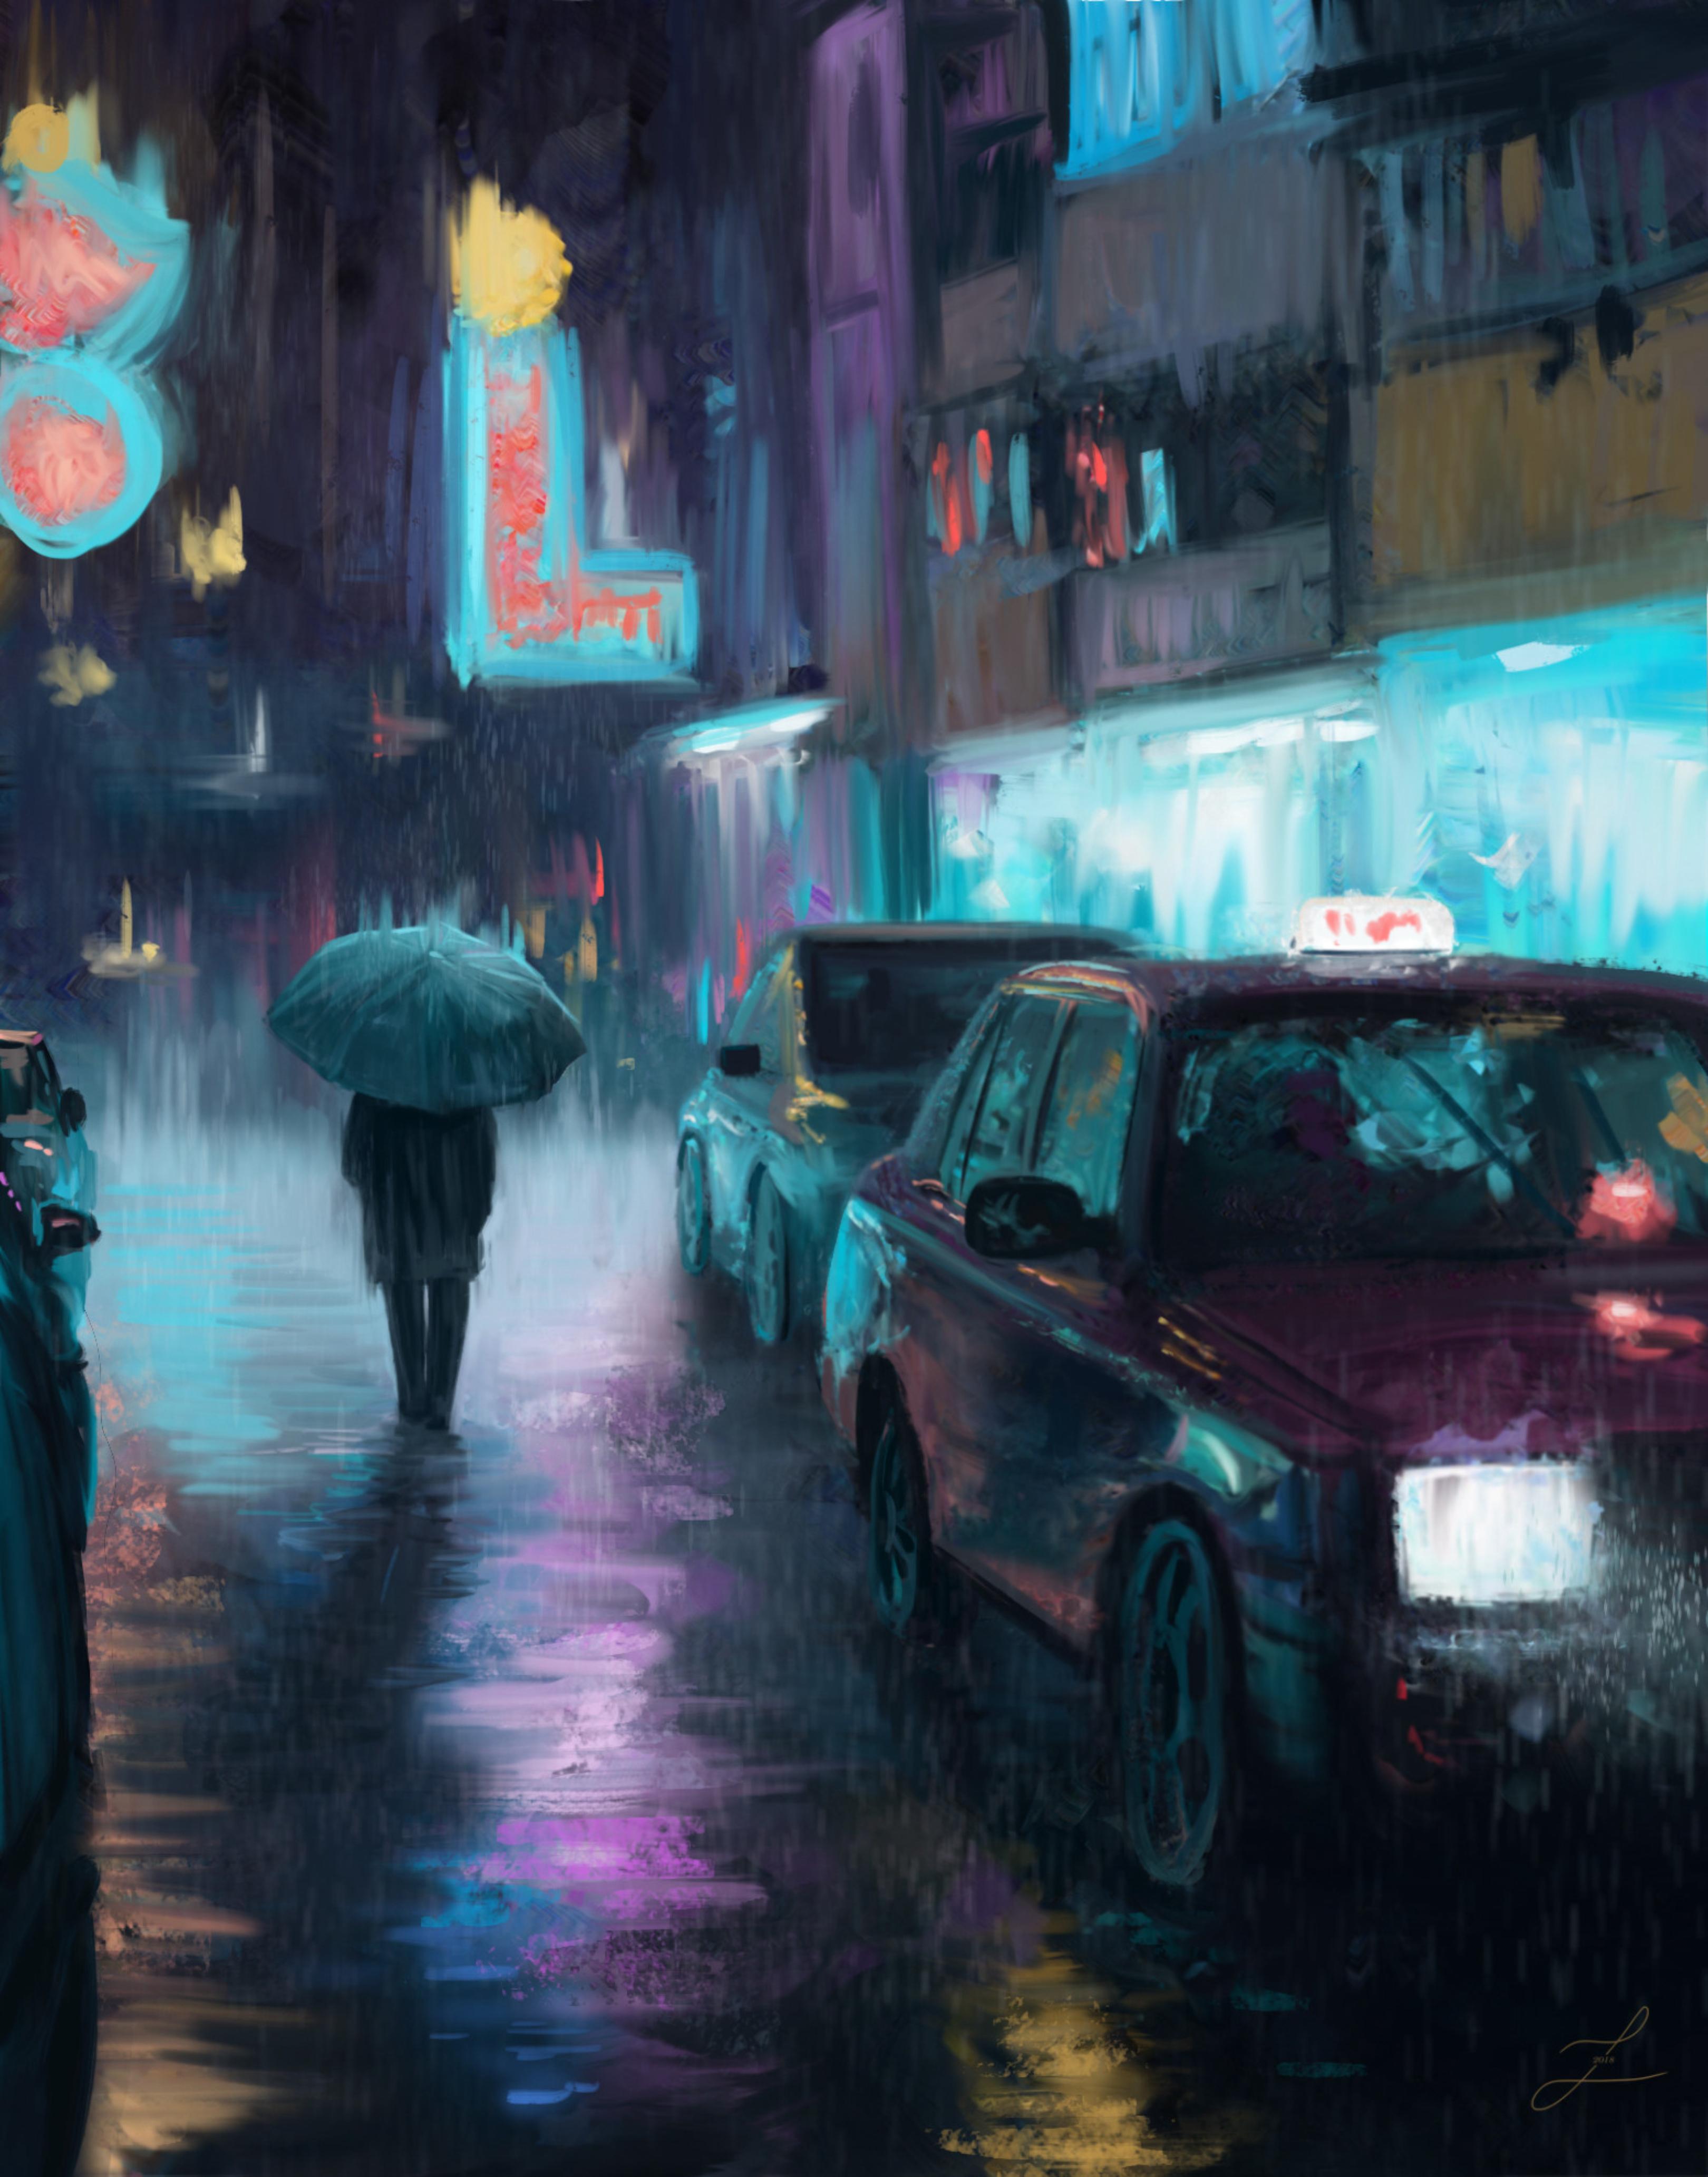 91835 скачать обои Ночной Город, Дождь, Арт, Живопись, Силуэт, Улица, Машины - заставки и картинки бесплатно